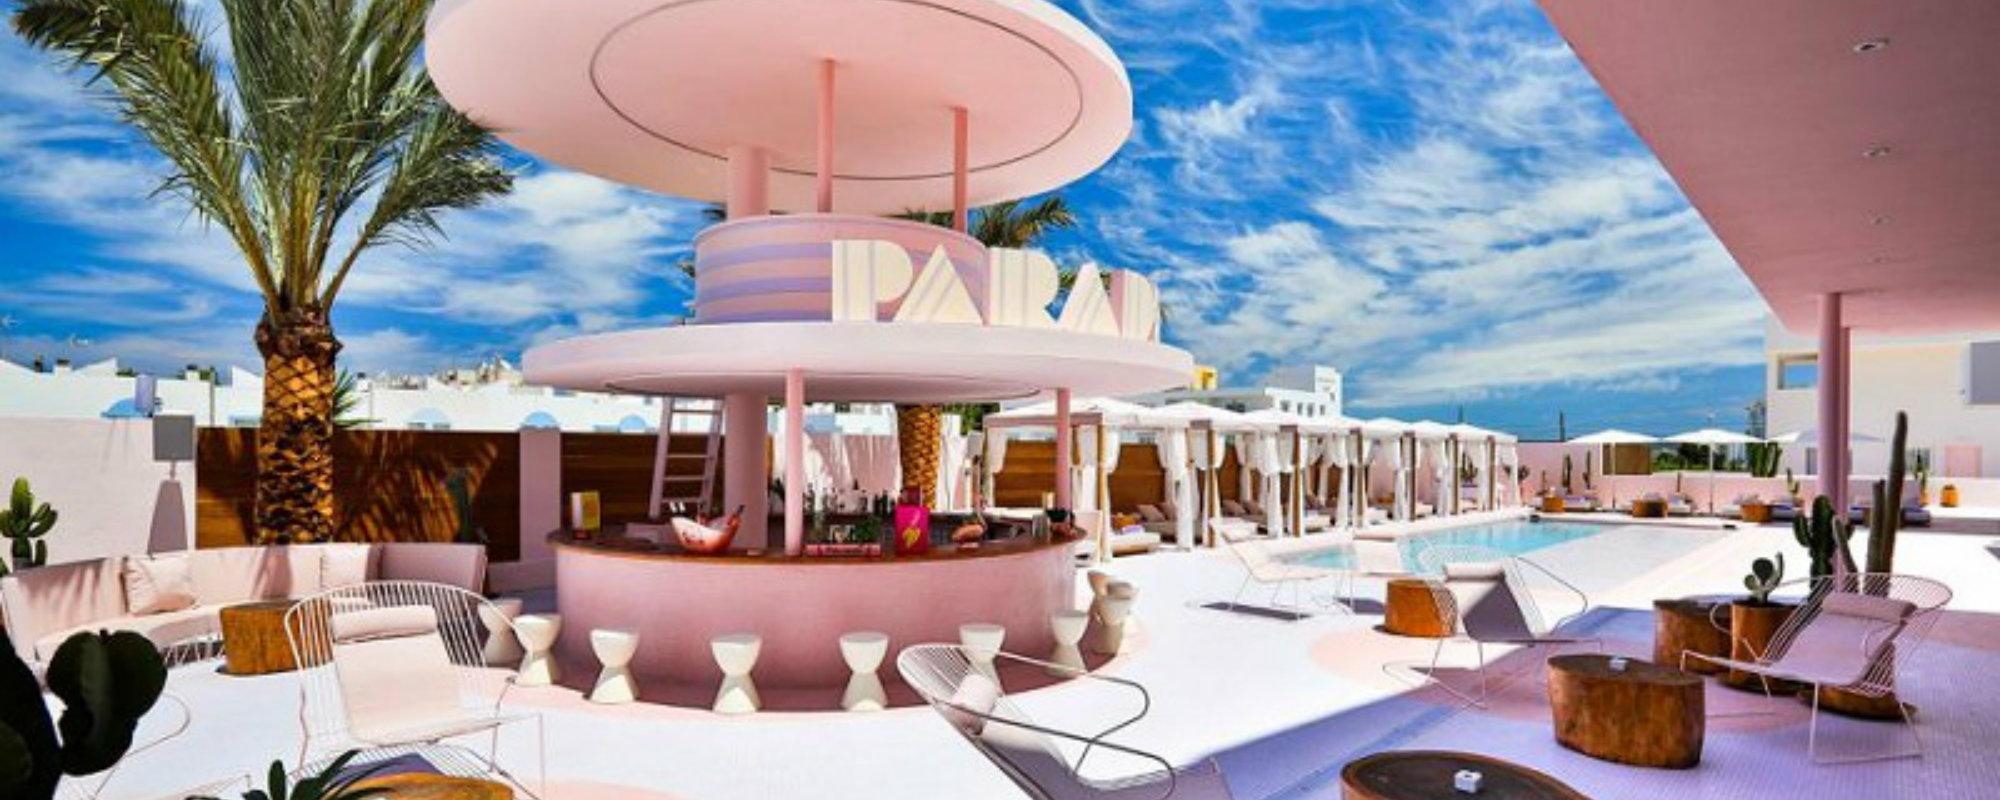 Ideas para Viajar: Un hotel de Lujo y colorido en Ibiza ideas para viajar Ideas para Viajar: Un hotel de Lujo y colorido en Ibiza Featured 6